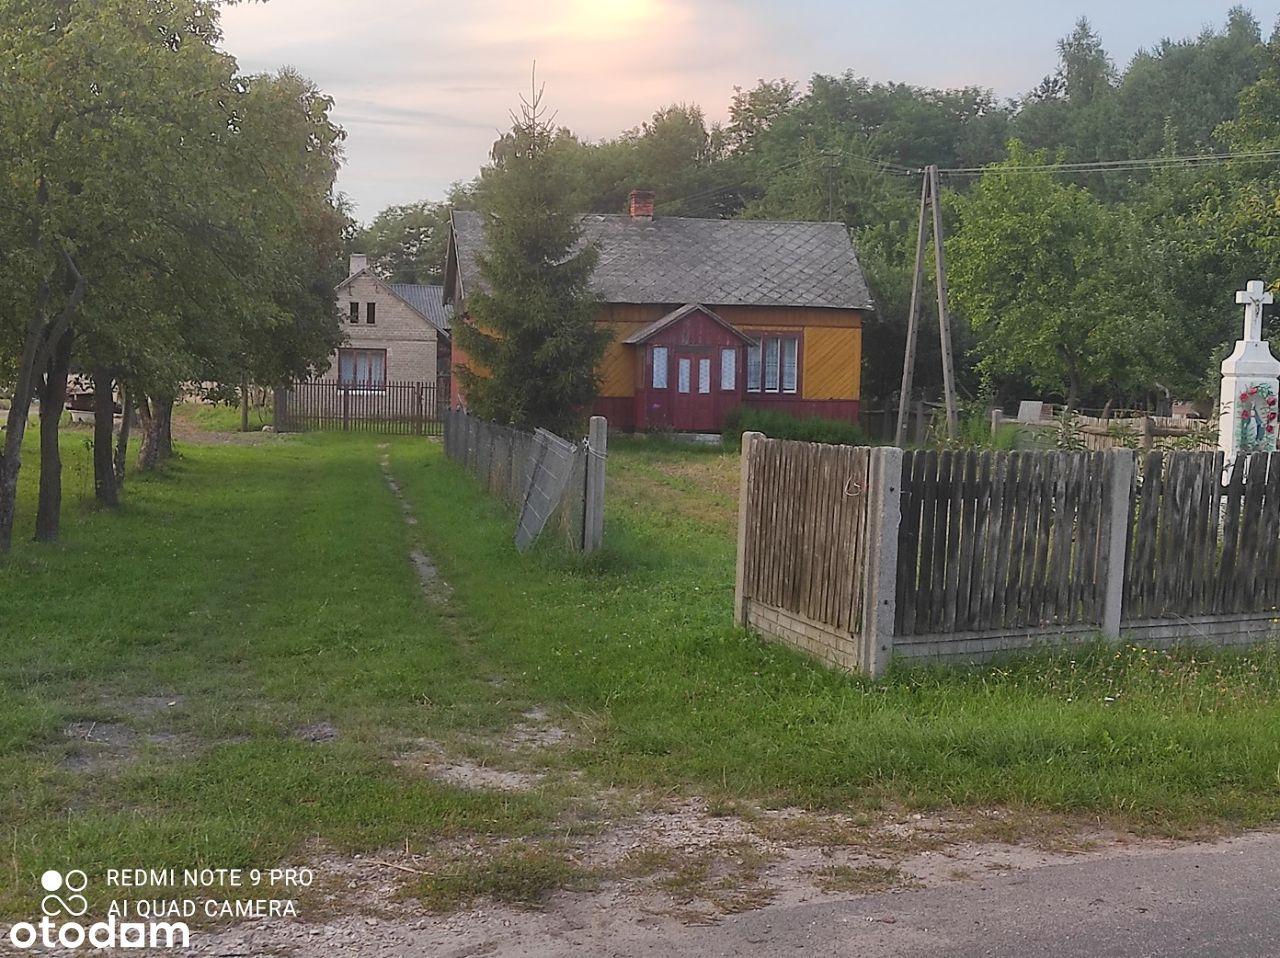 Działka , siedlisko z drewnianym domkiem